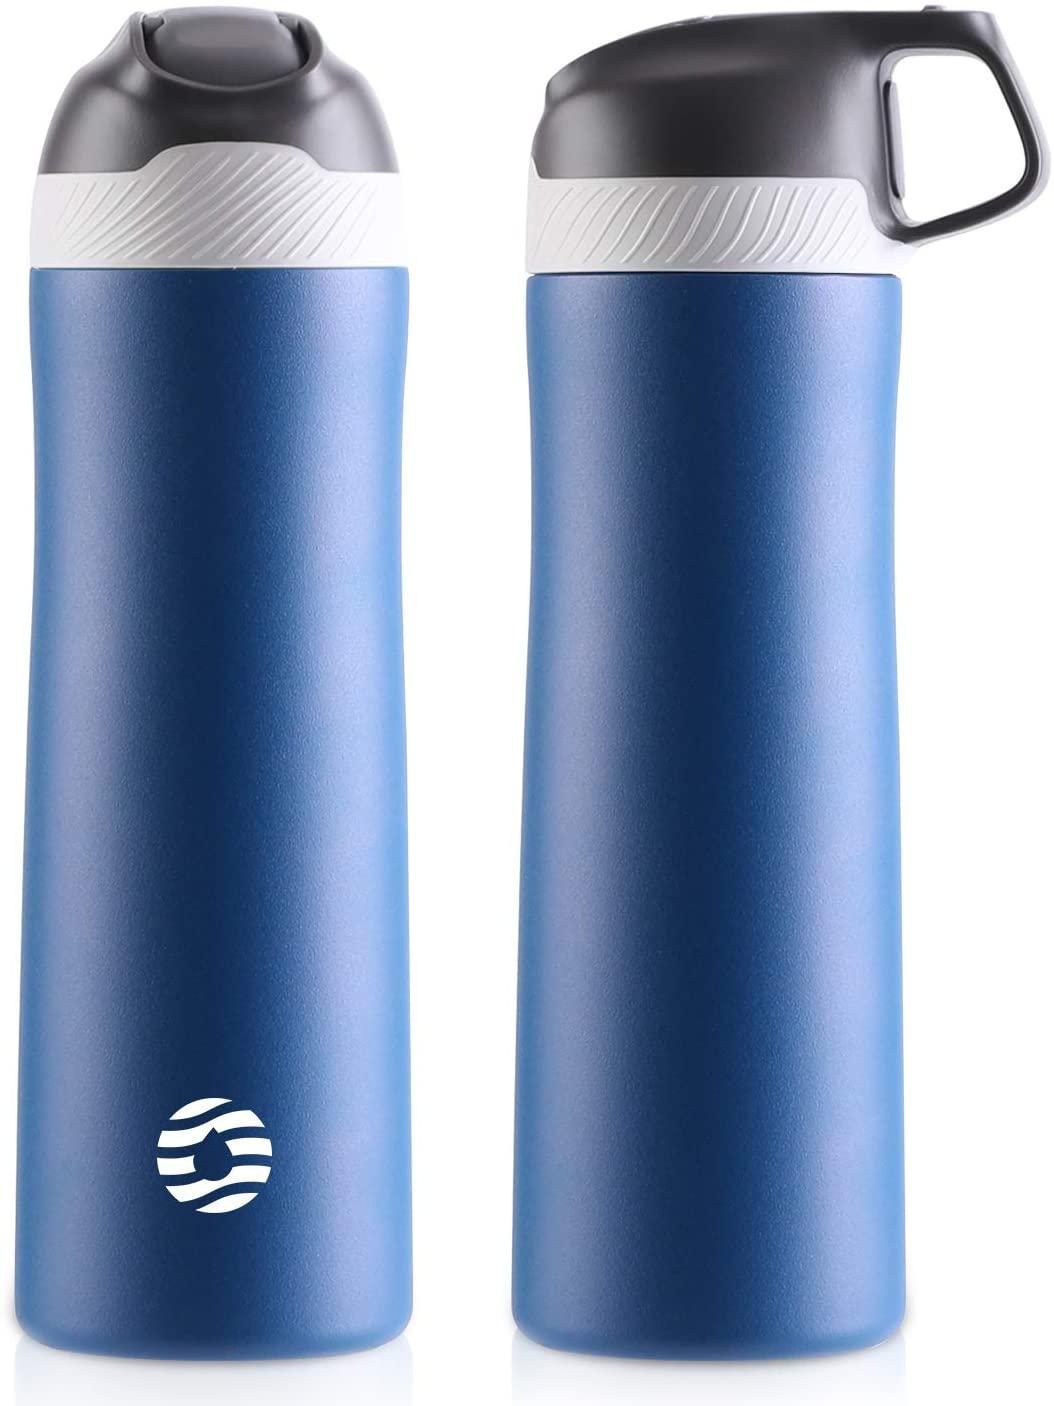 アマゾンでFEIJIAN 水筒 550ml の割引クーポンを配信中。